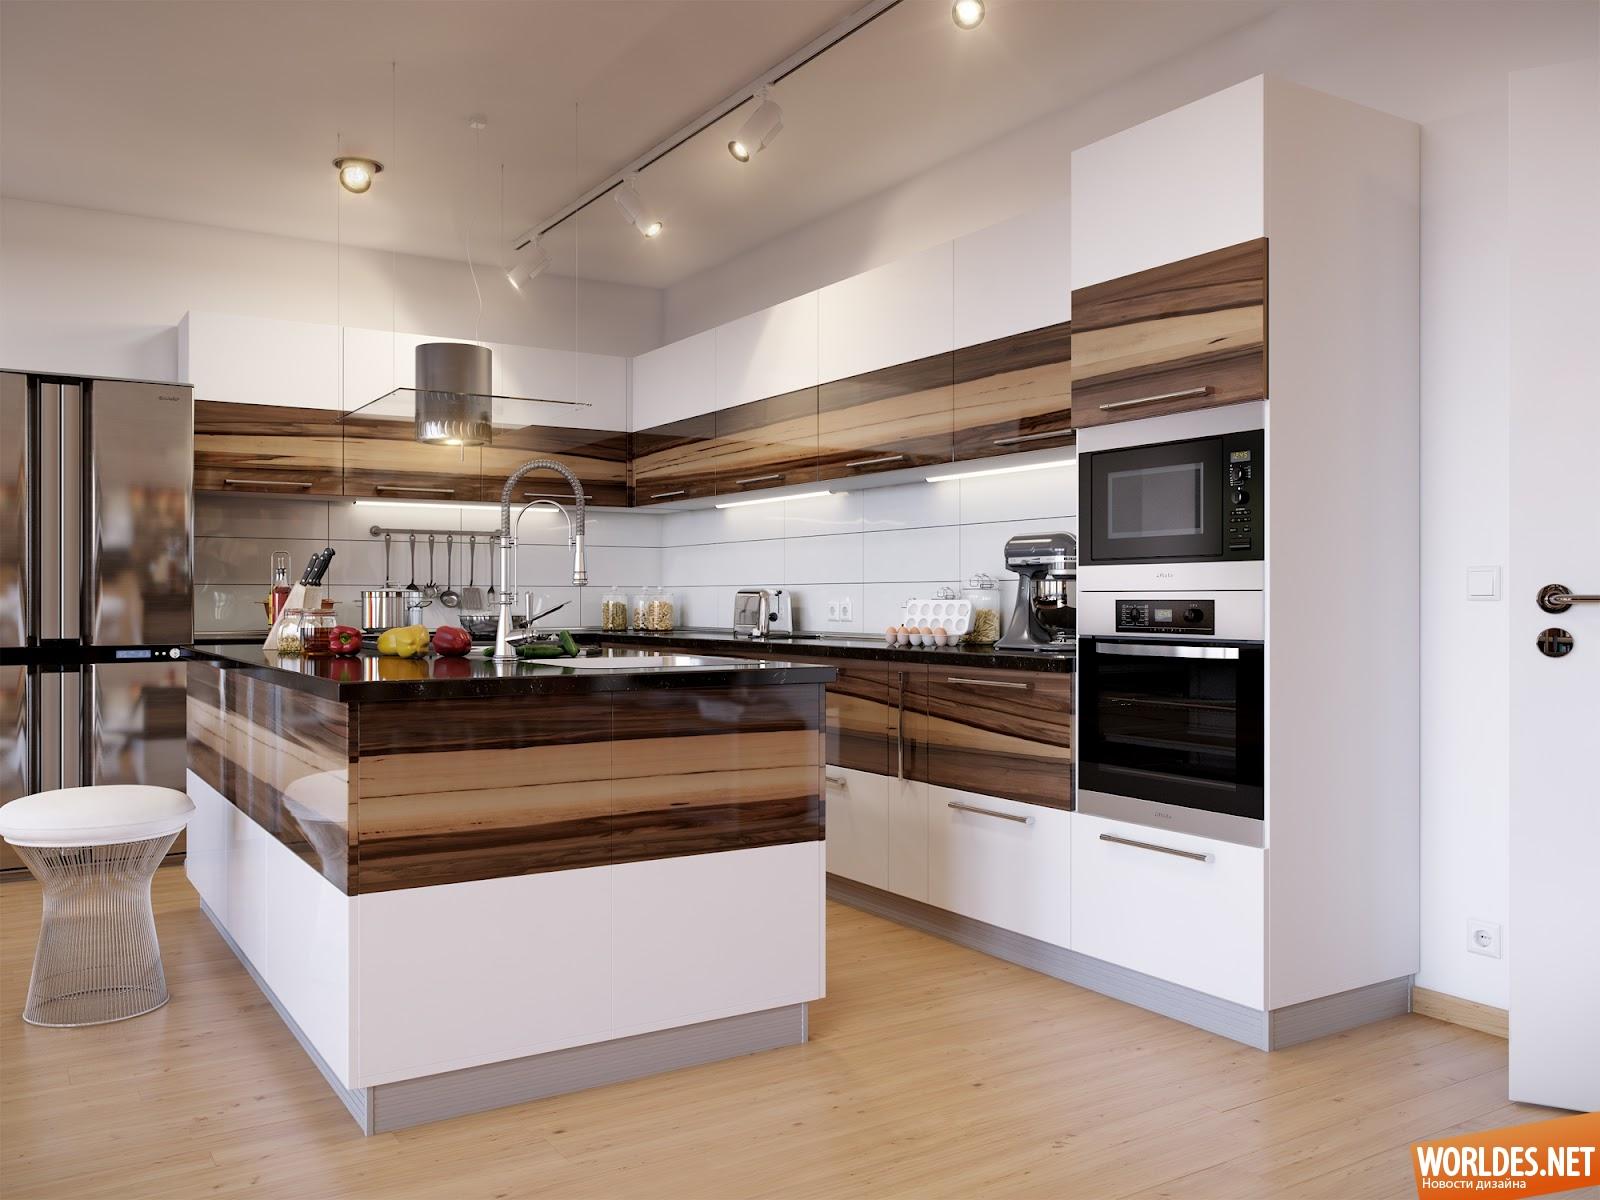 Кухня угловая с островом дизайн